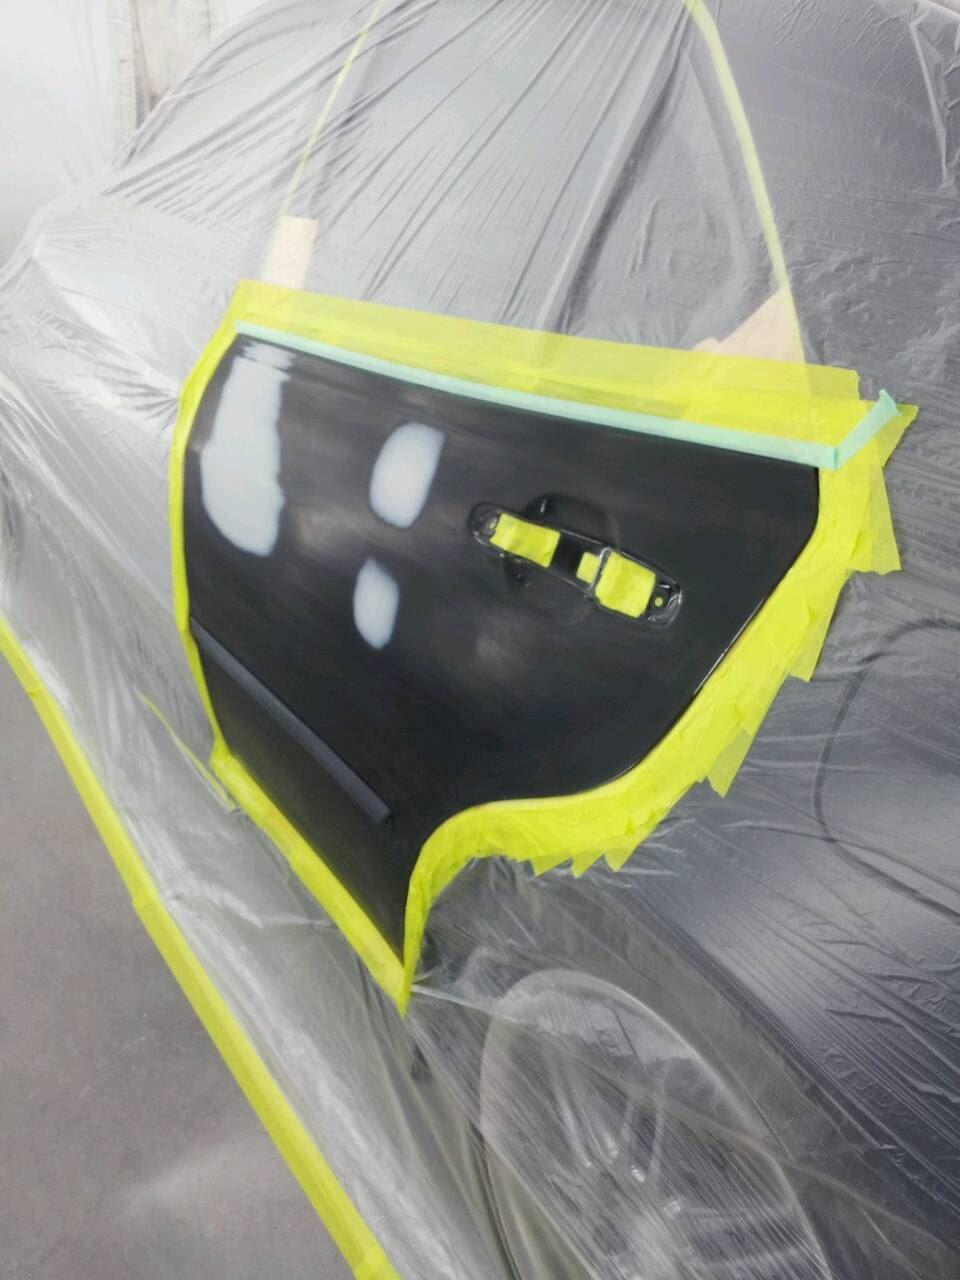 東京都立川市の車の板金塗装修理工場 ガレージローライドのトヨタ アルテッツァのフロントバンパー&フロントスポイラーの一体化加工 です。